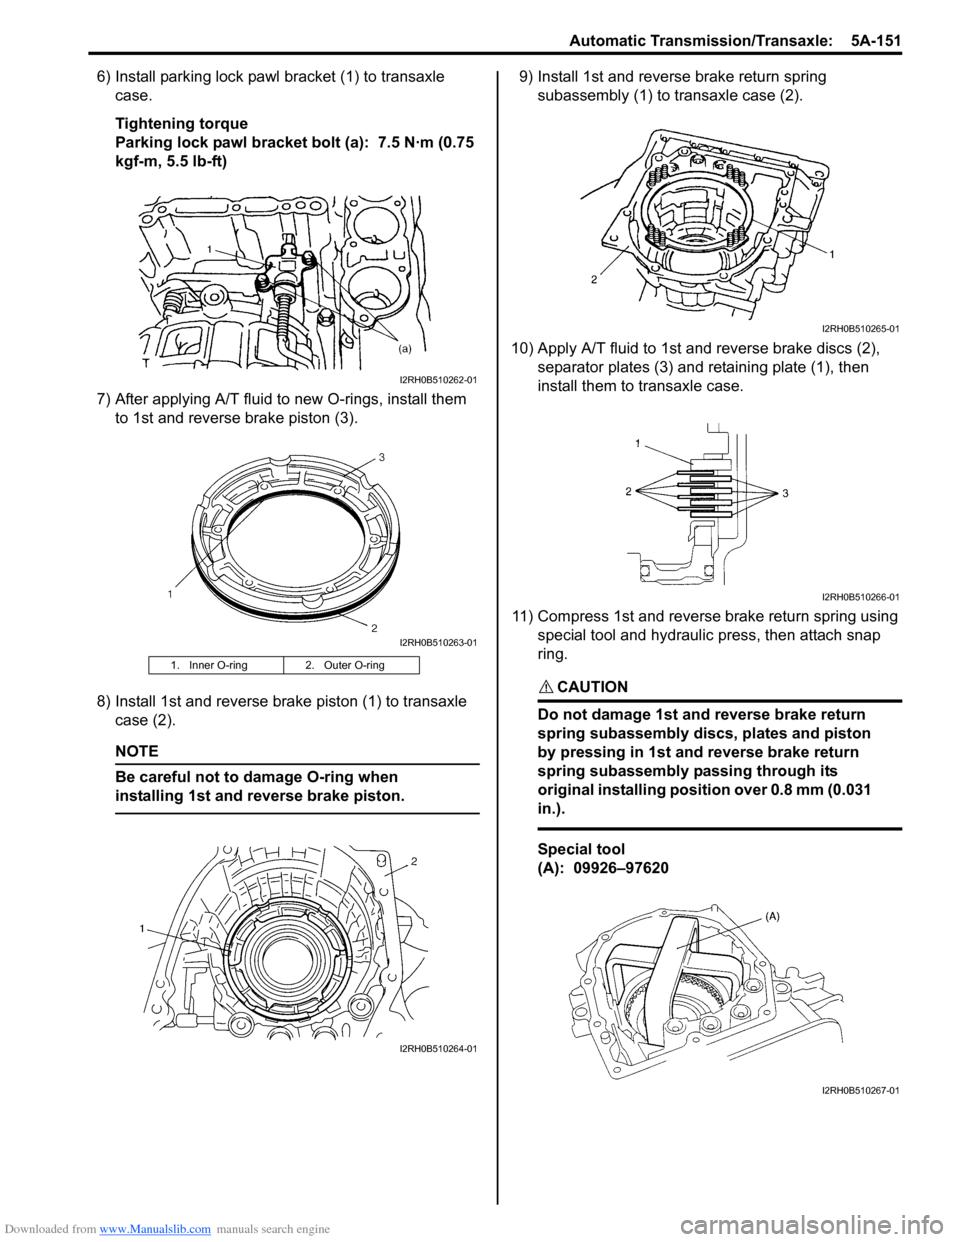 SUZUKI SWIFT 2006 2.G Service Workshop Manual (1496 Pages